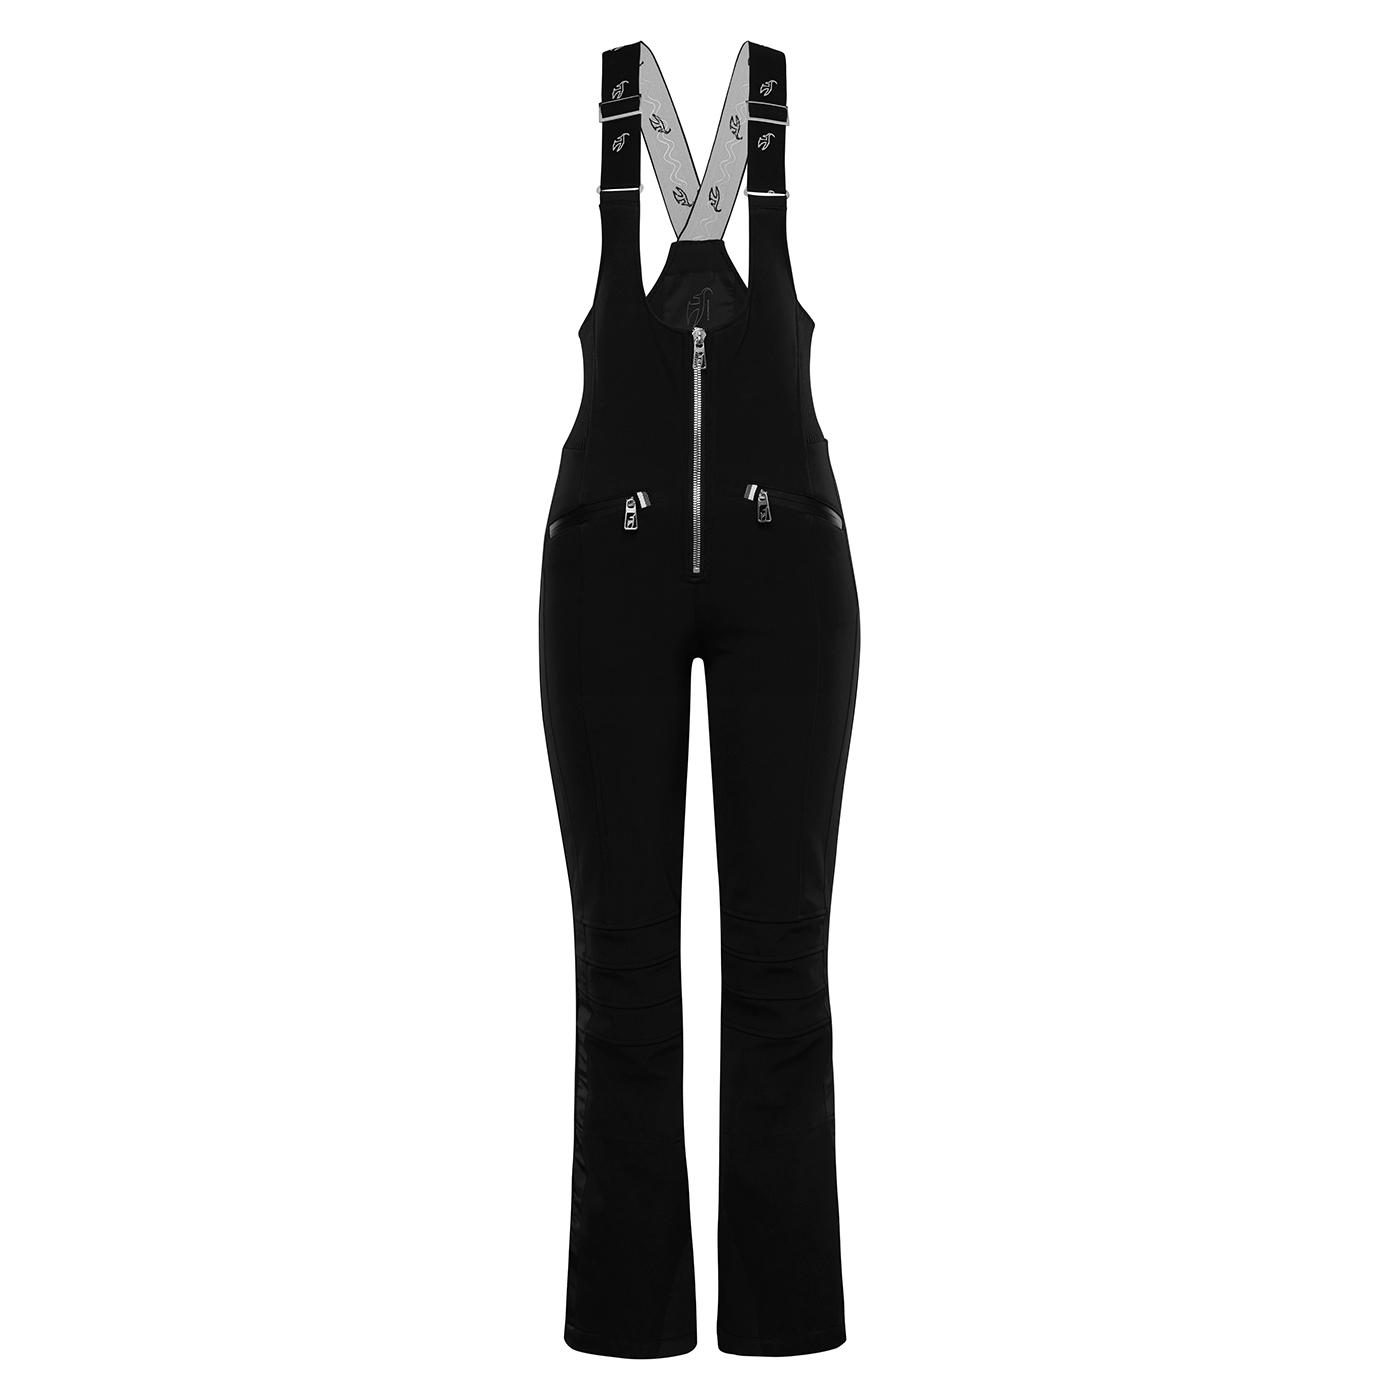 47ffe68a9625 Toni Sailer dámske luxusné Lyžiarske nohavice Toni Sailer ...